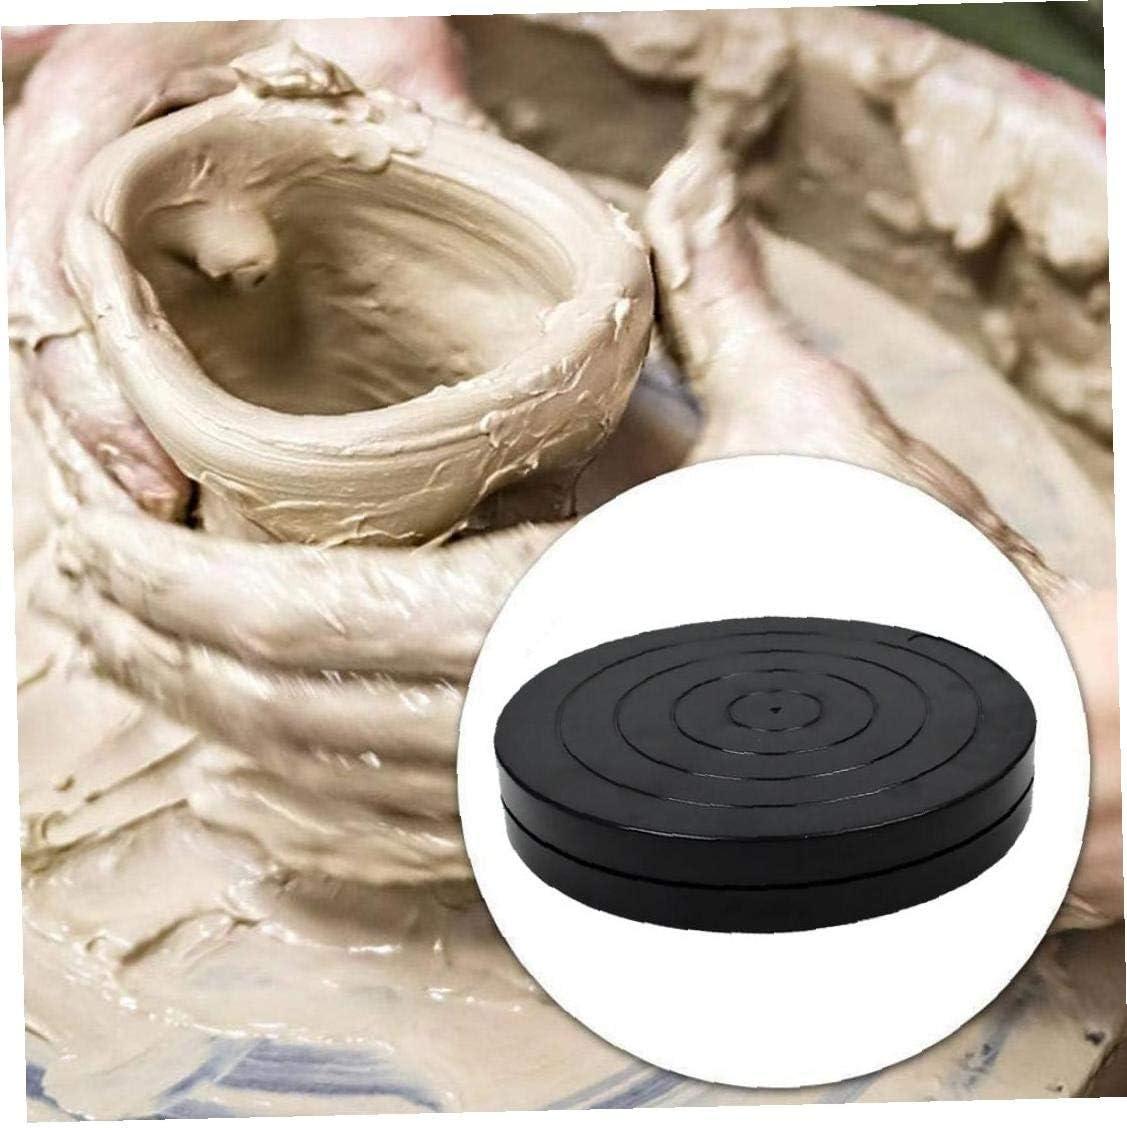 Scultura in Ceramica Piattaforma Girevole Di Plastica Argilla Basamento Di 360 /° Rotazione Di Ceramica Strumento Di 18 Centimetri Per Craft Products